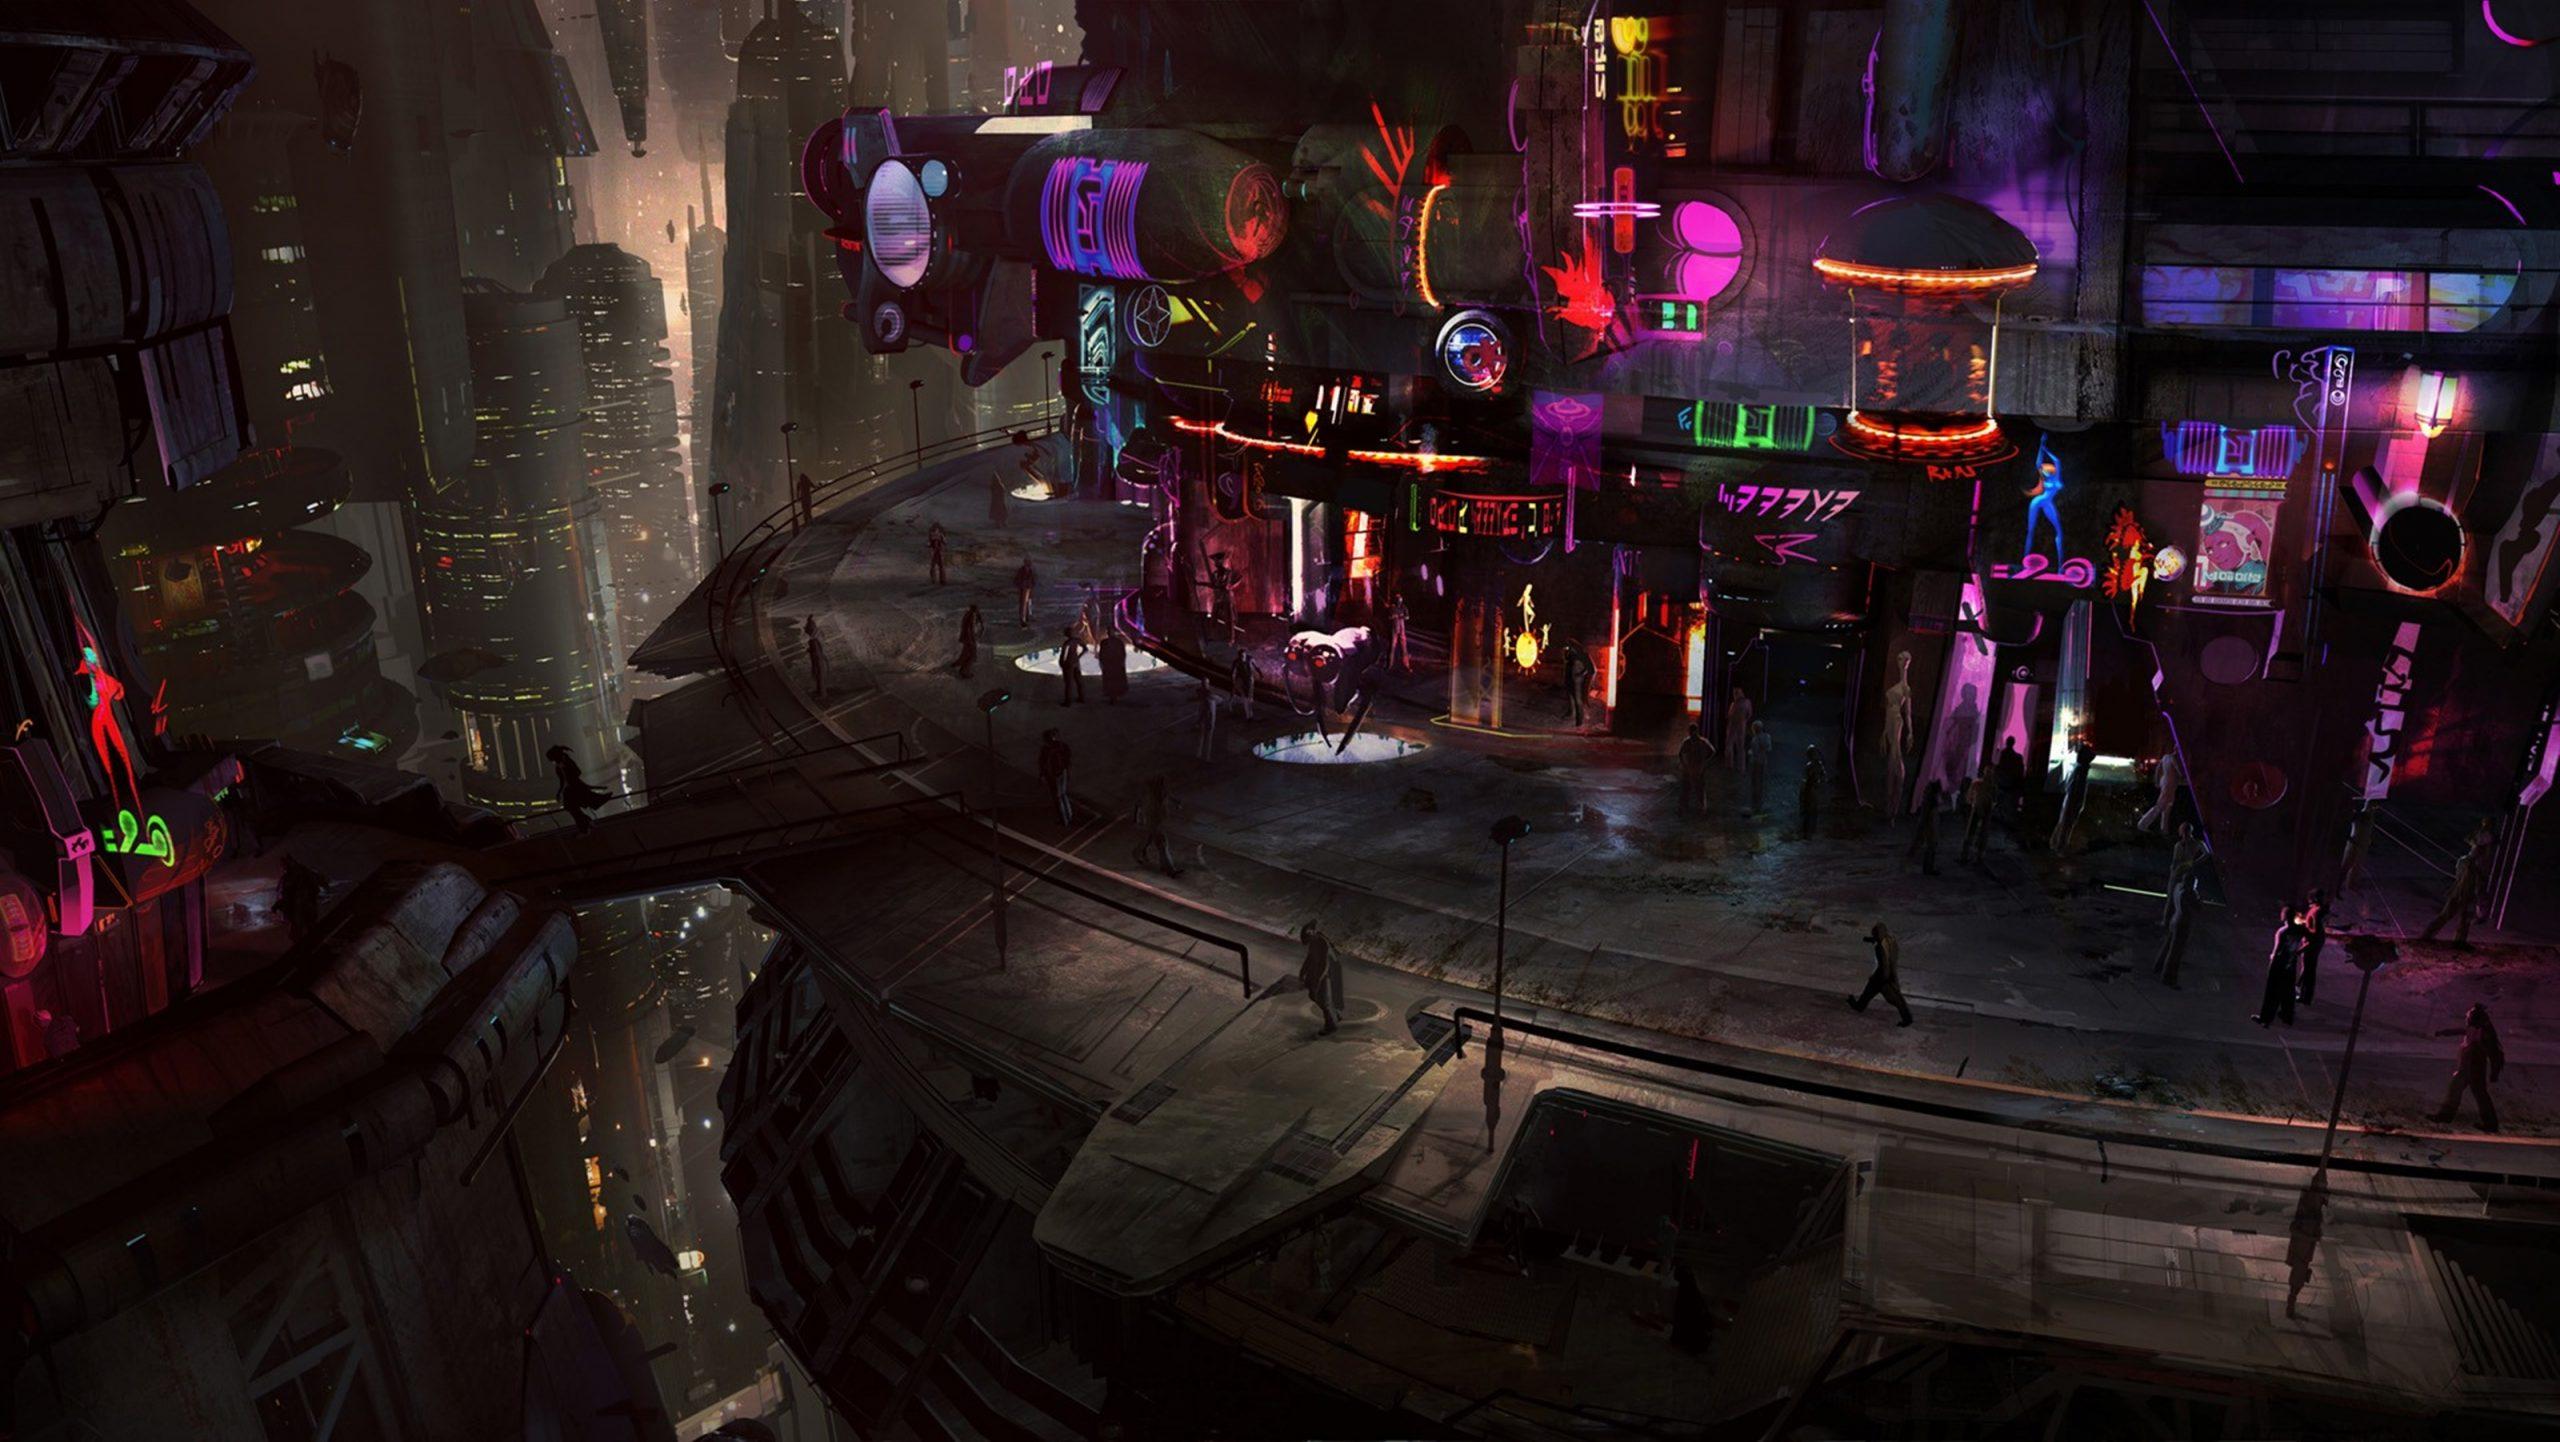 Кадр: скриншот изотменённой игры Star Wars 1313 проБобу Фетта